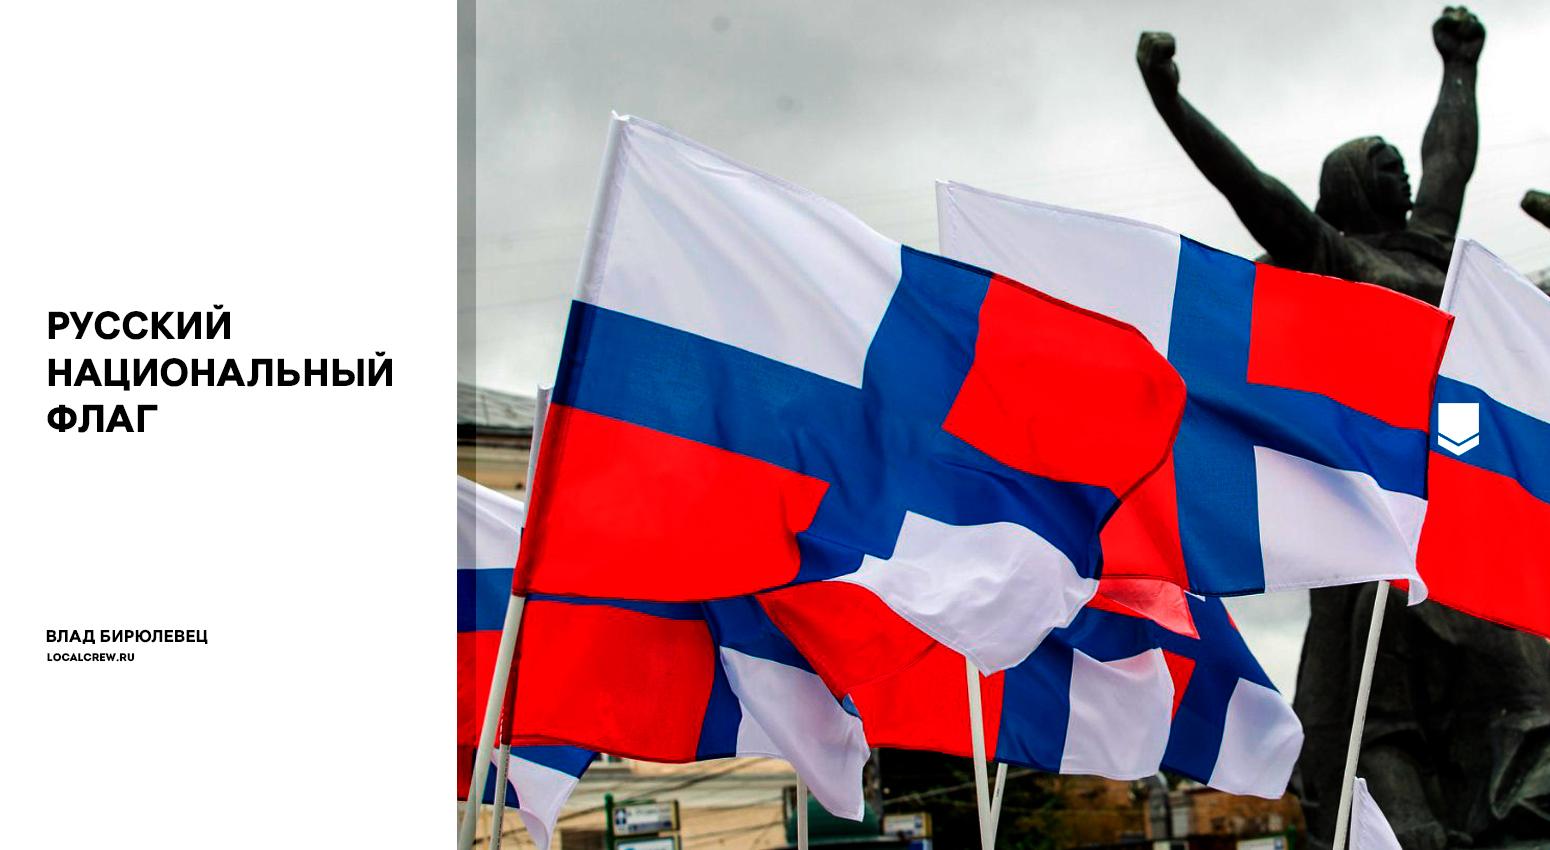 Русский национальный флаг